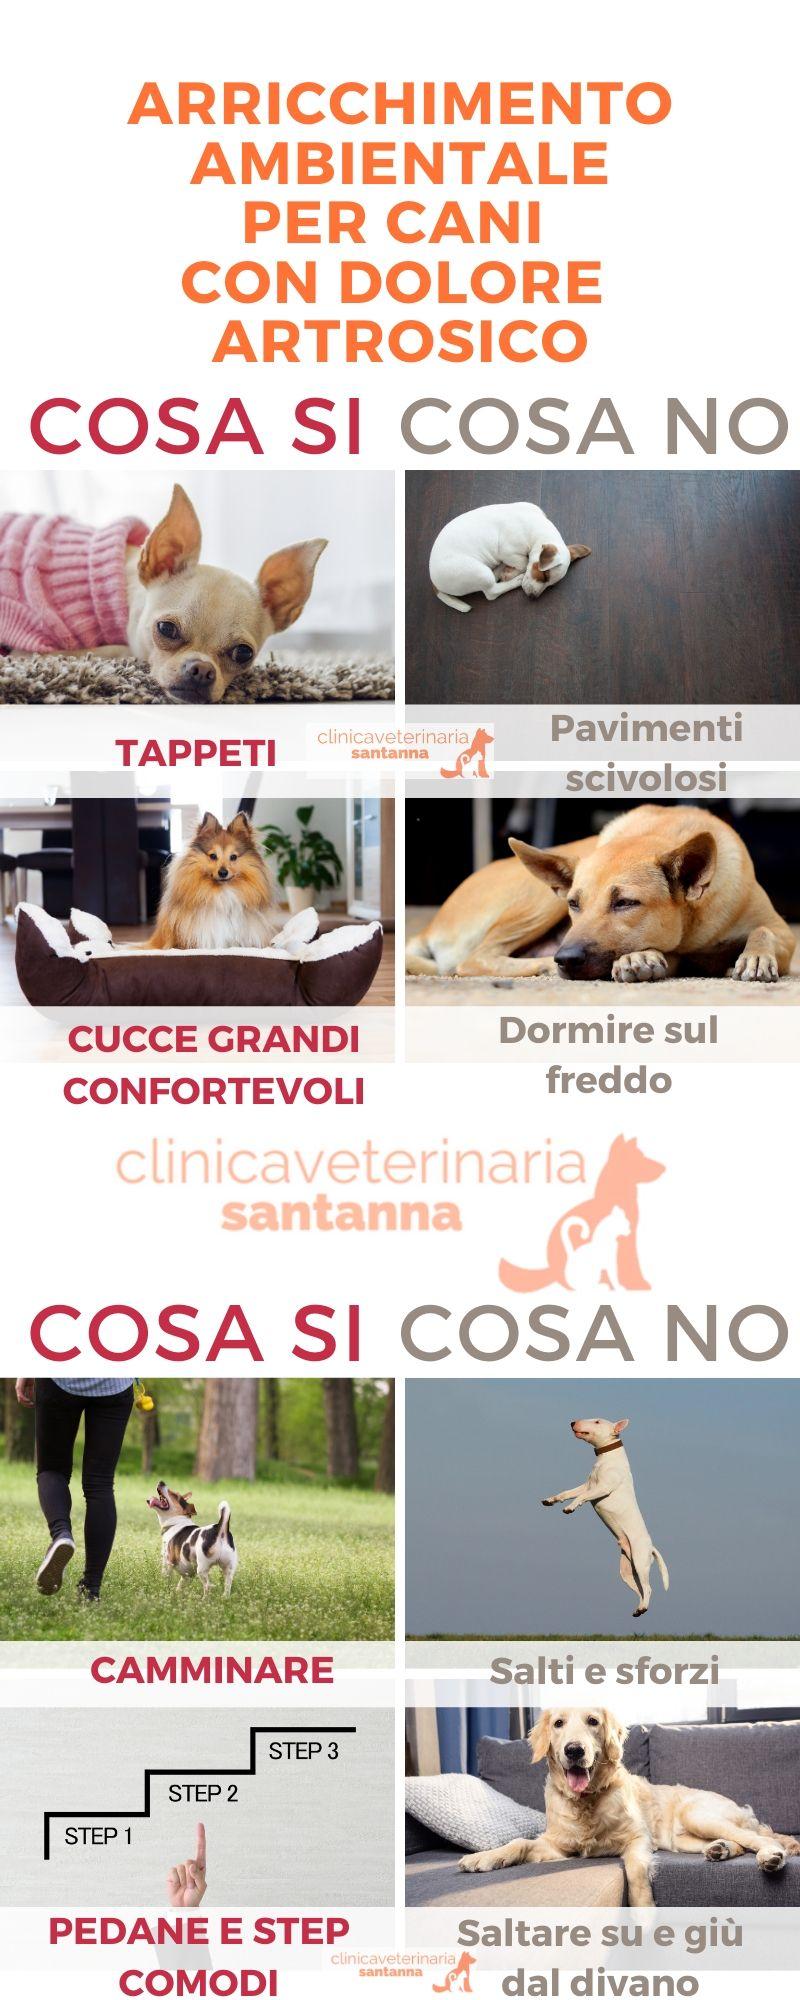 Arricchimento ambientale per cani con dolore artrosico